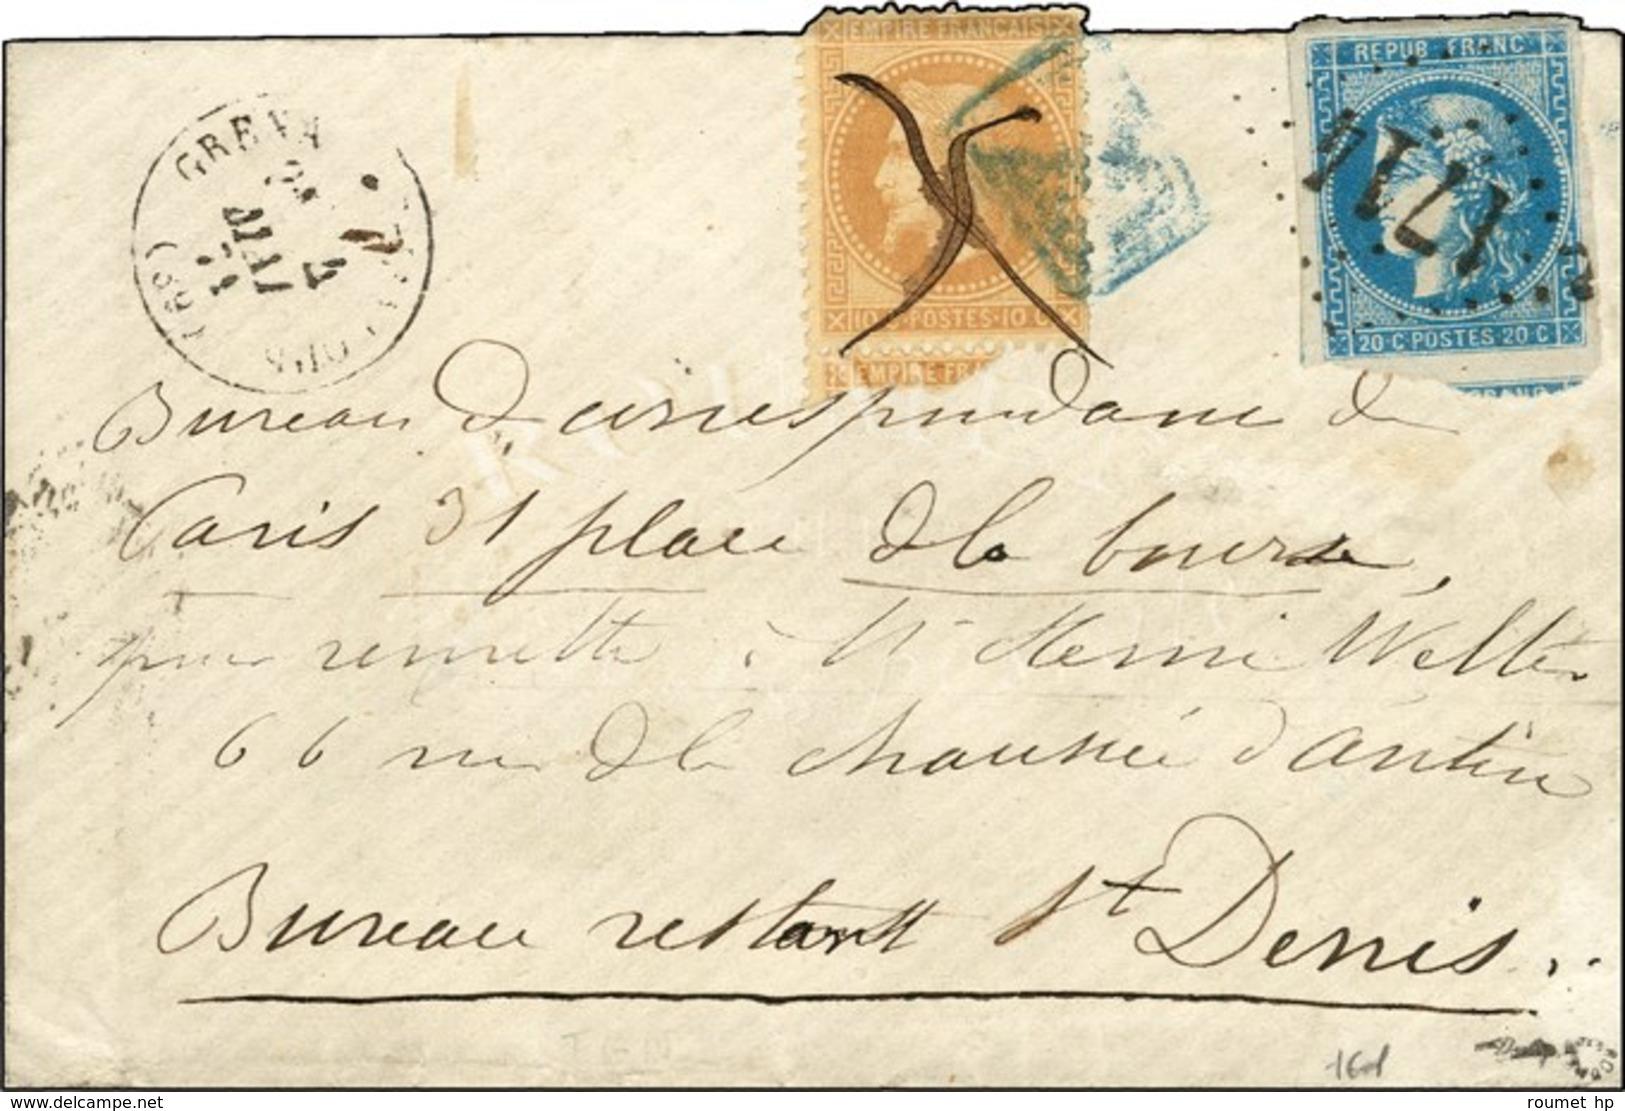 Lettre De Grenade-s-Adour Expédiée à Paris Via La Poste Restante à Saint Denis Par Le Bureau De Correspondance, Remise D - Marcophilie (Lettres)